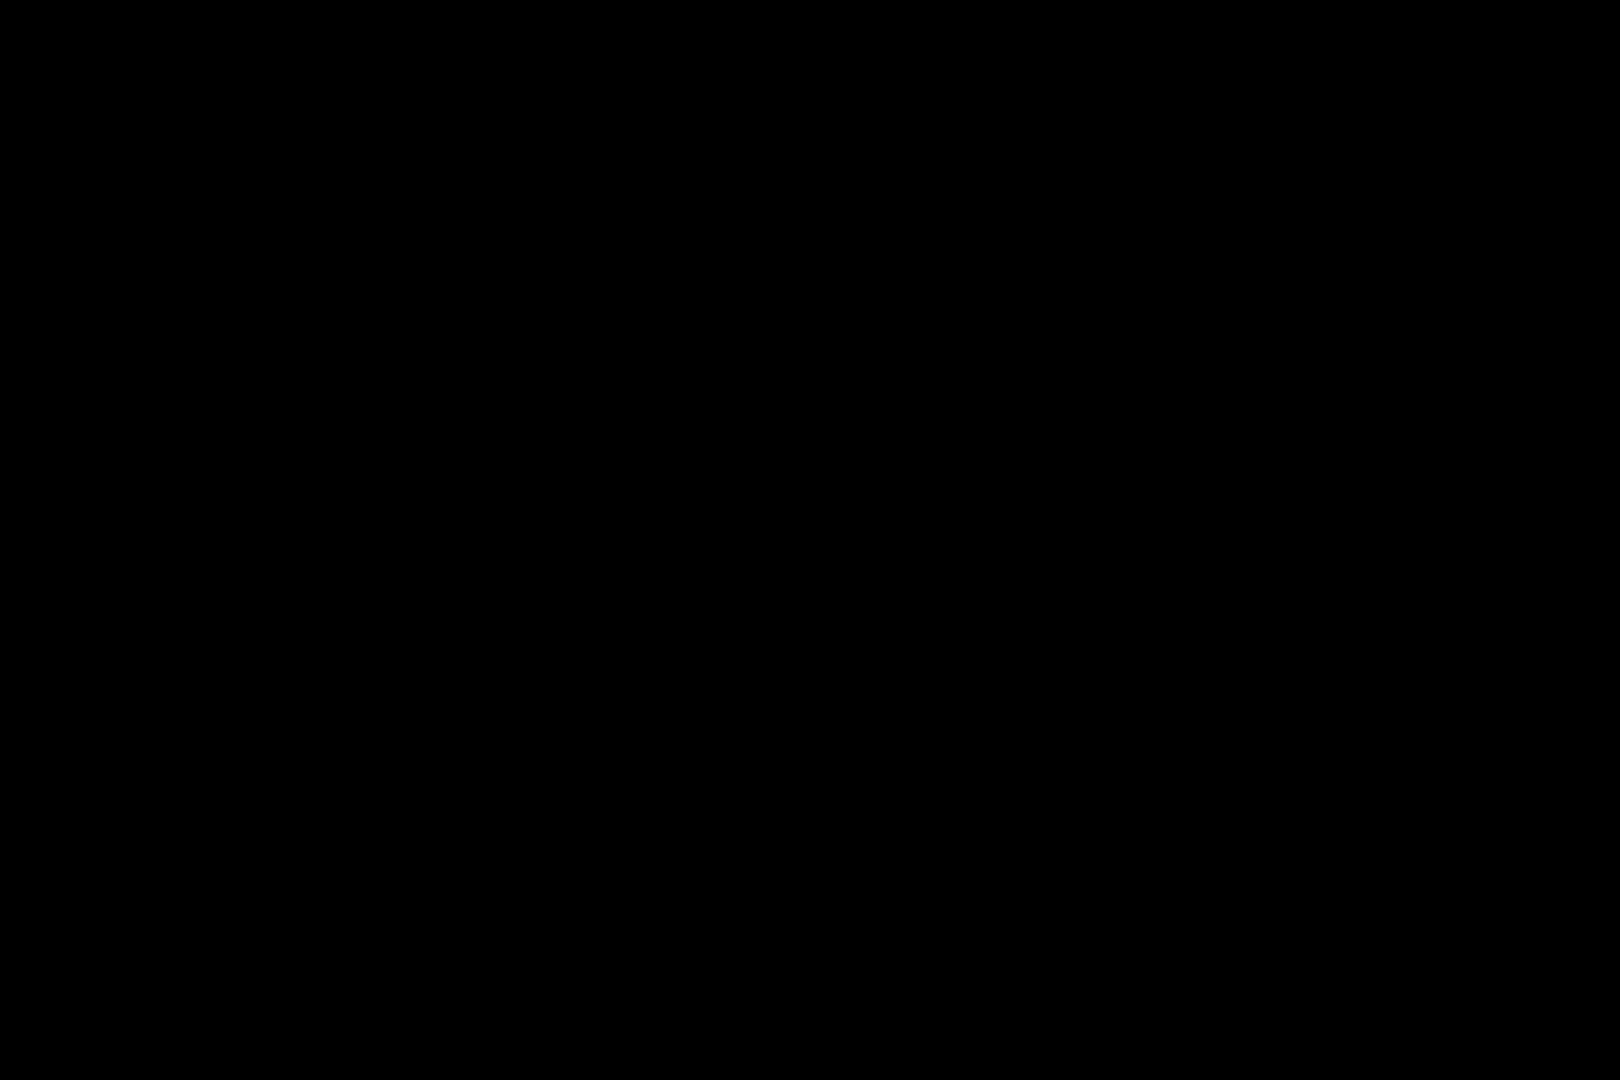 充血監督の深夜の運動会Vol.10 カップル スケベ動画紹介 94連発 32